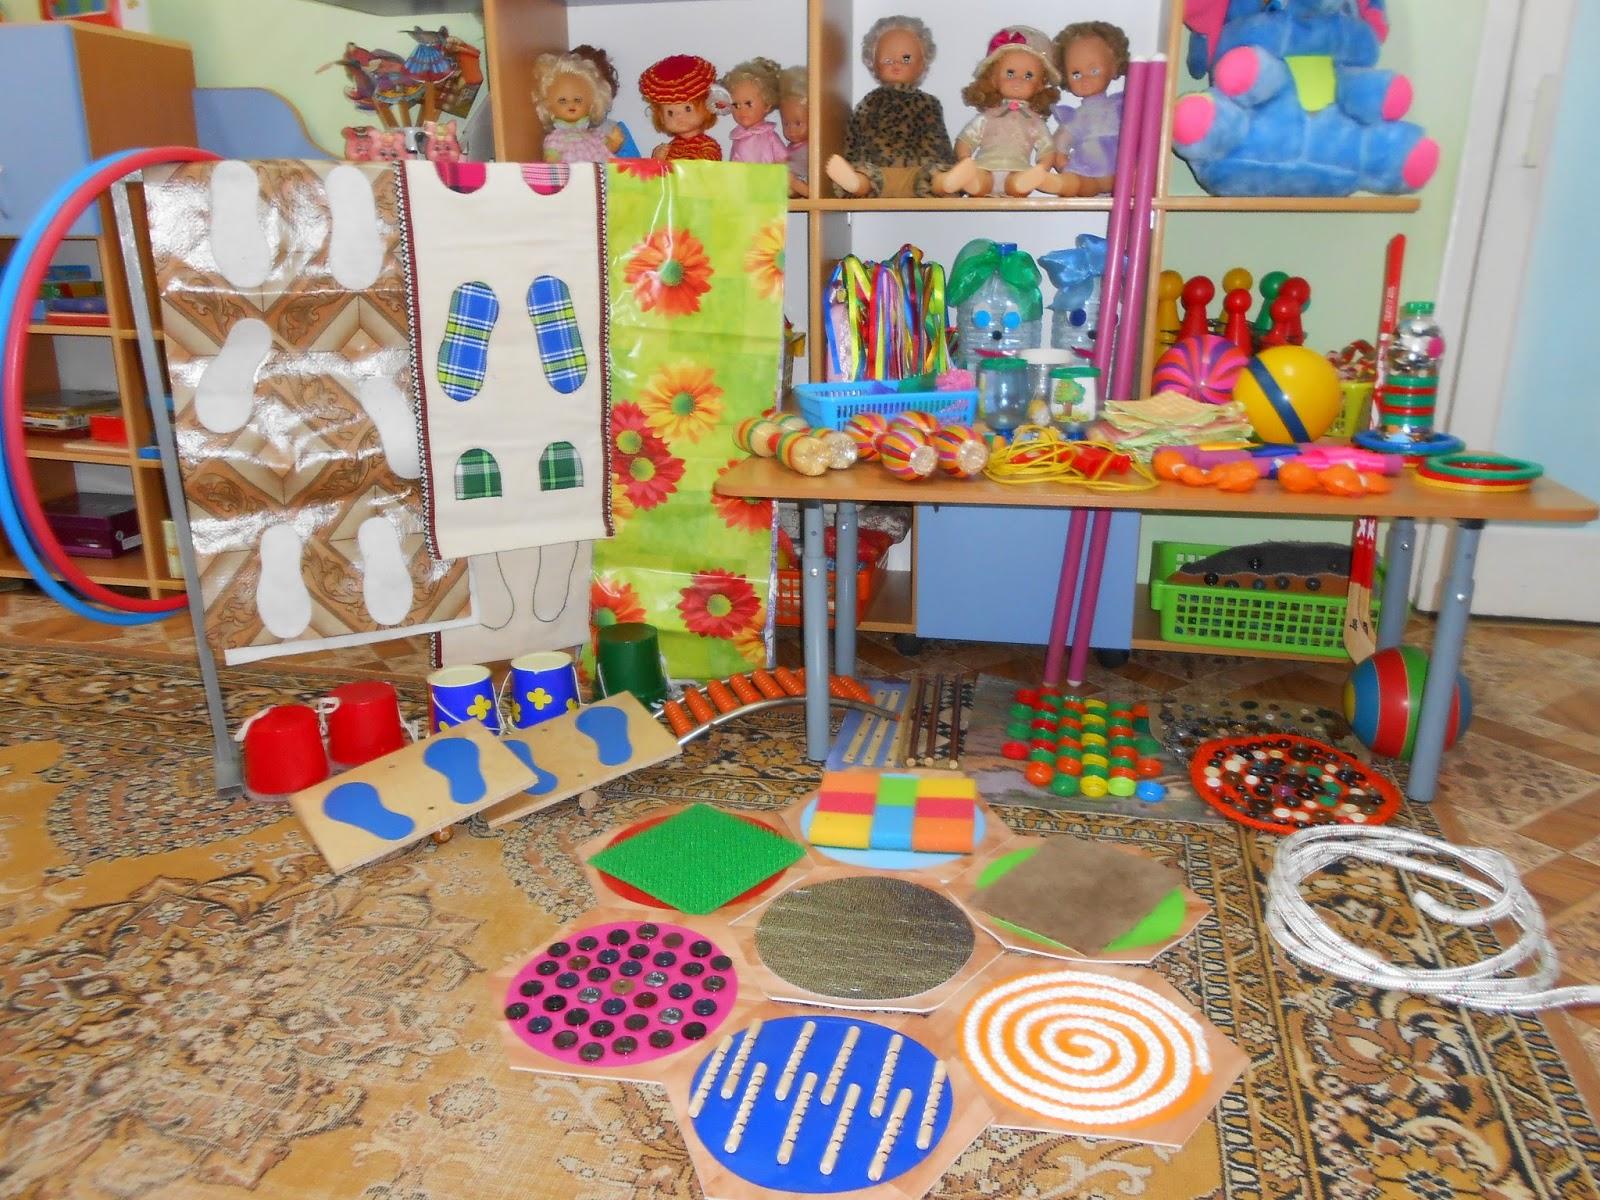 Картинки для уголка физкультурного в детском саду   подборка фото (3)